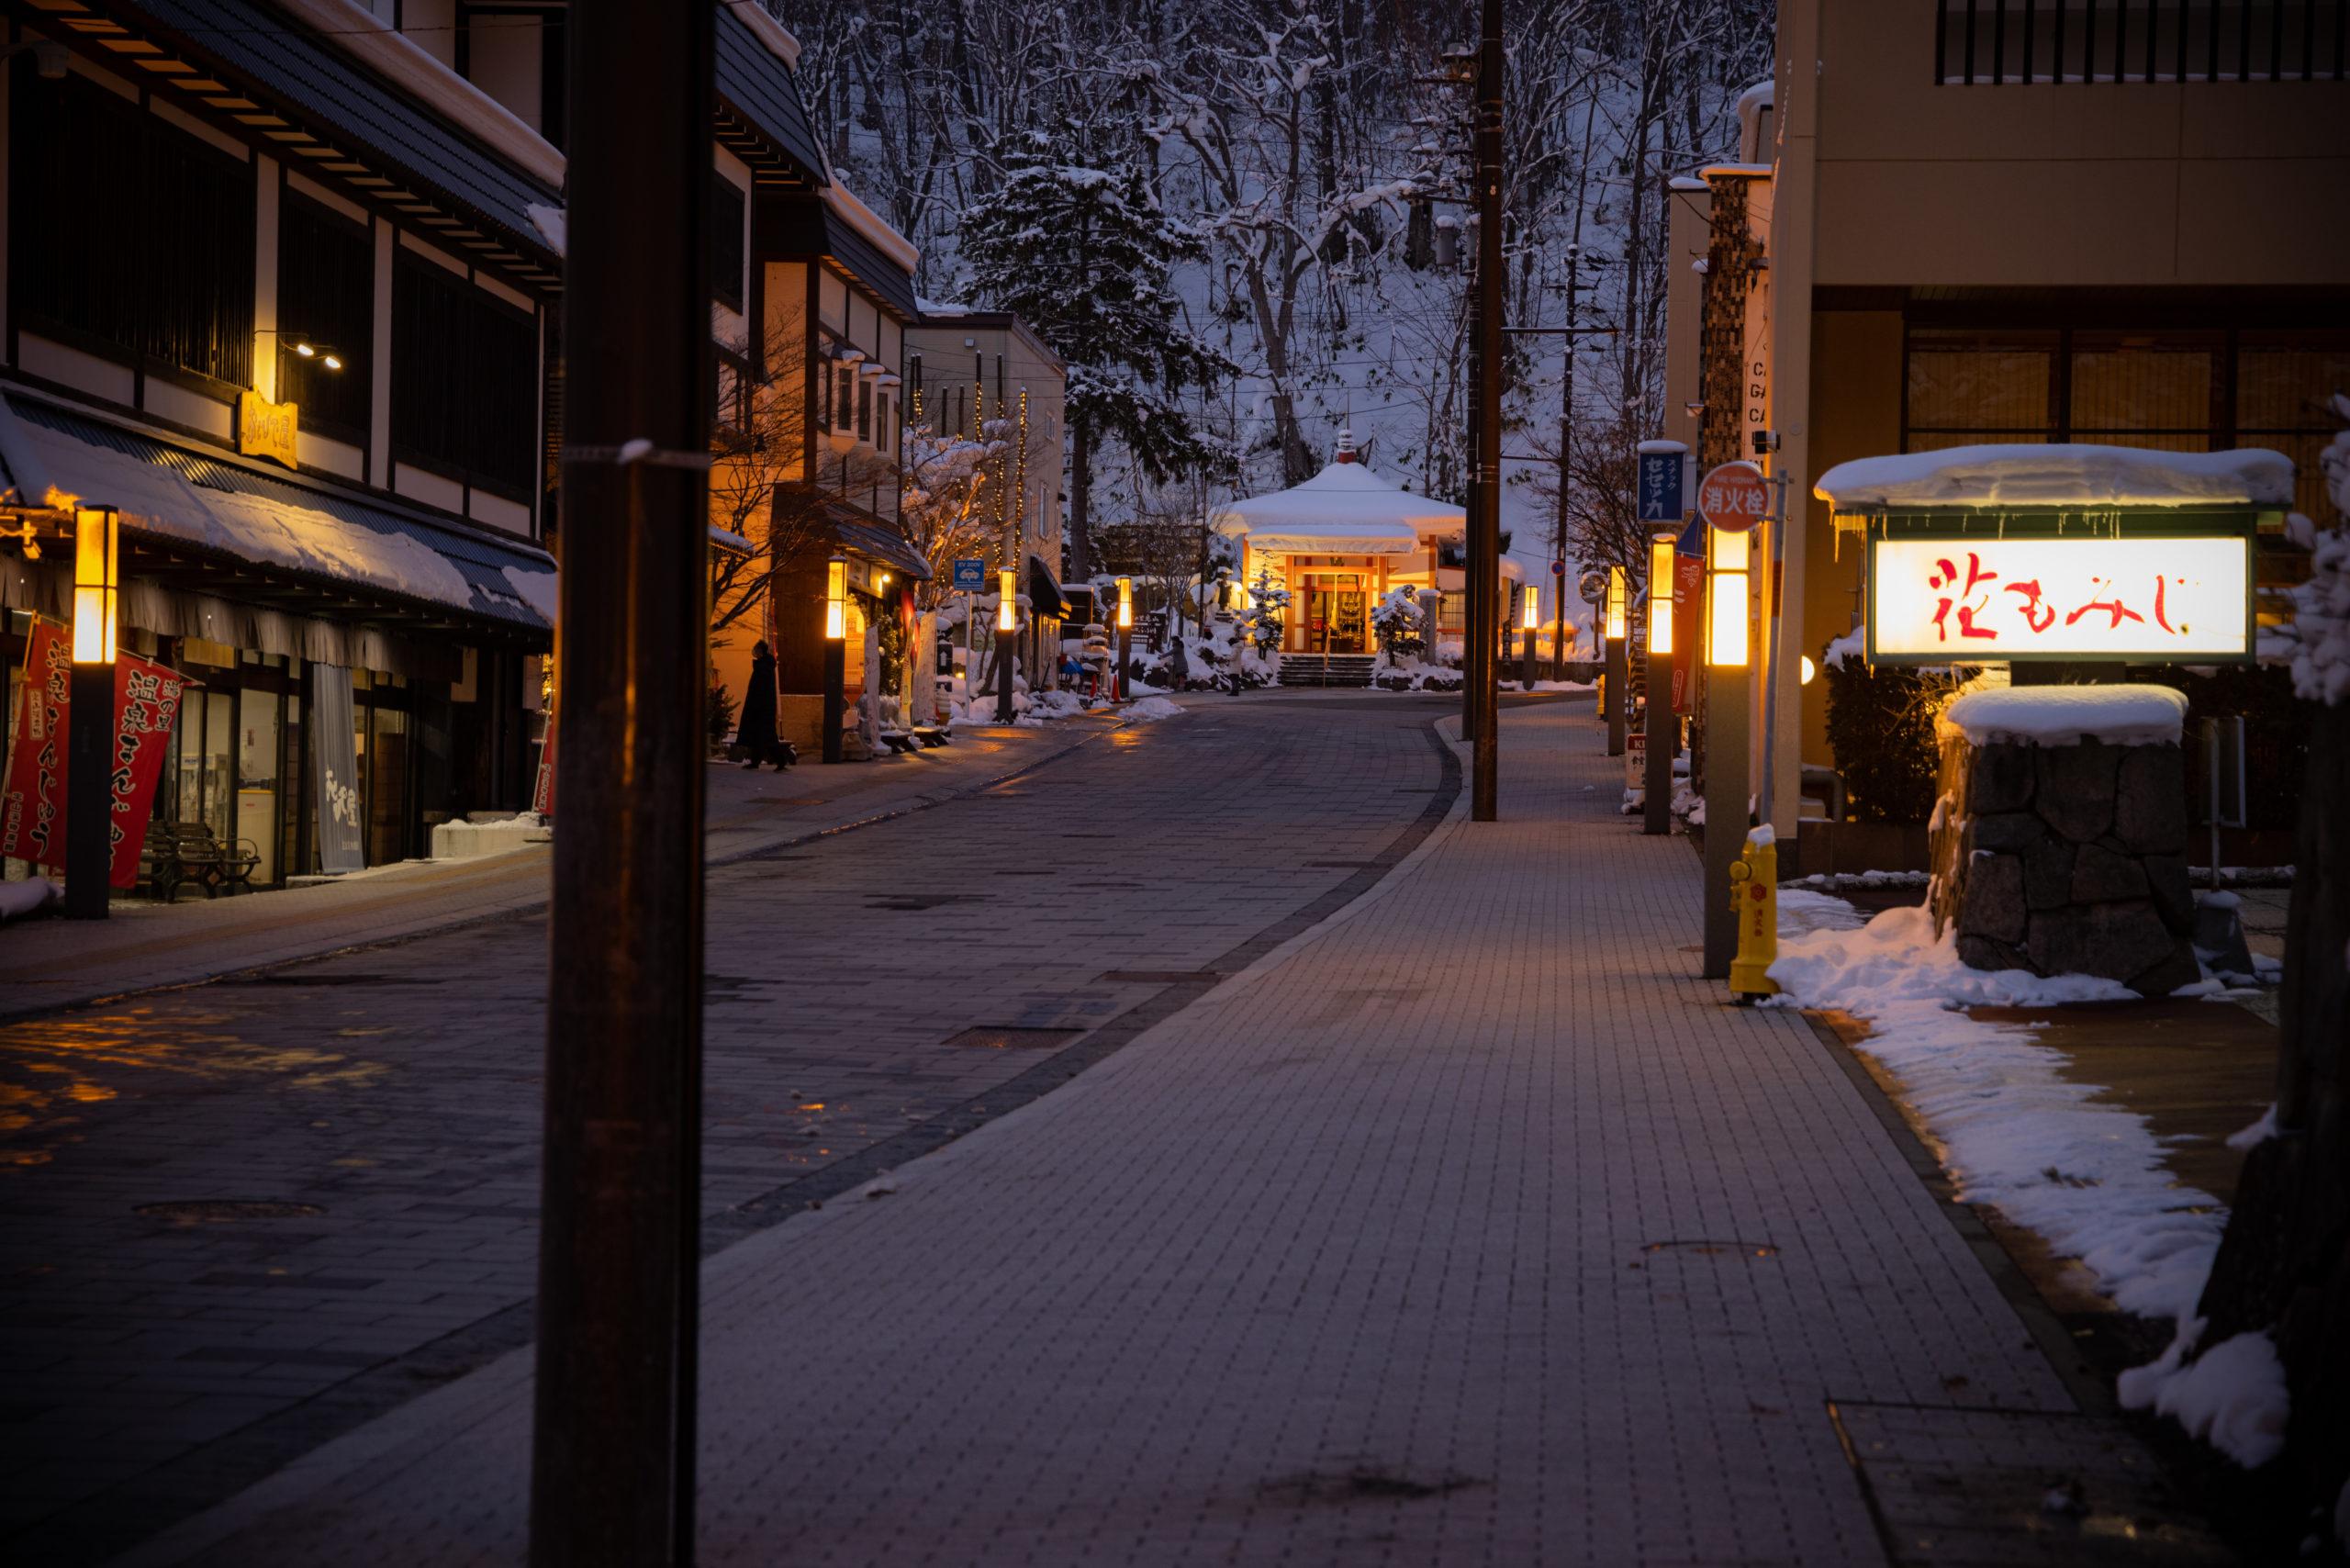 定山渓の温泉街